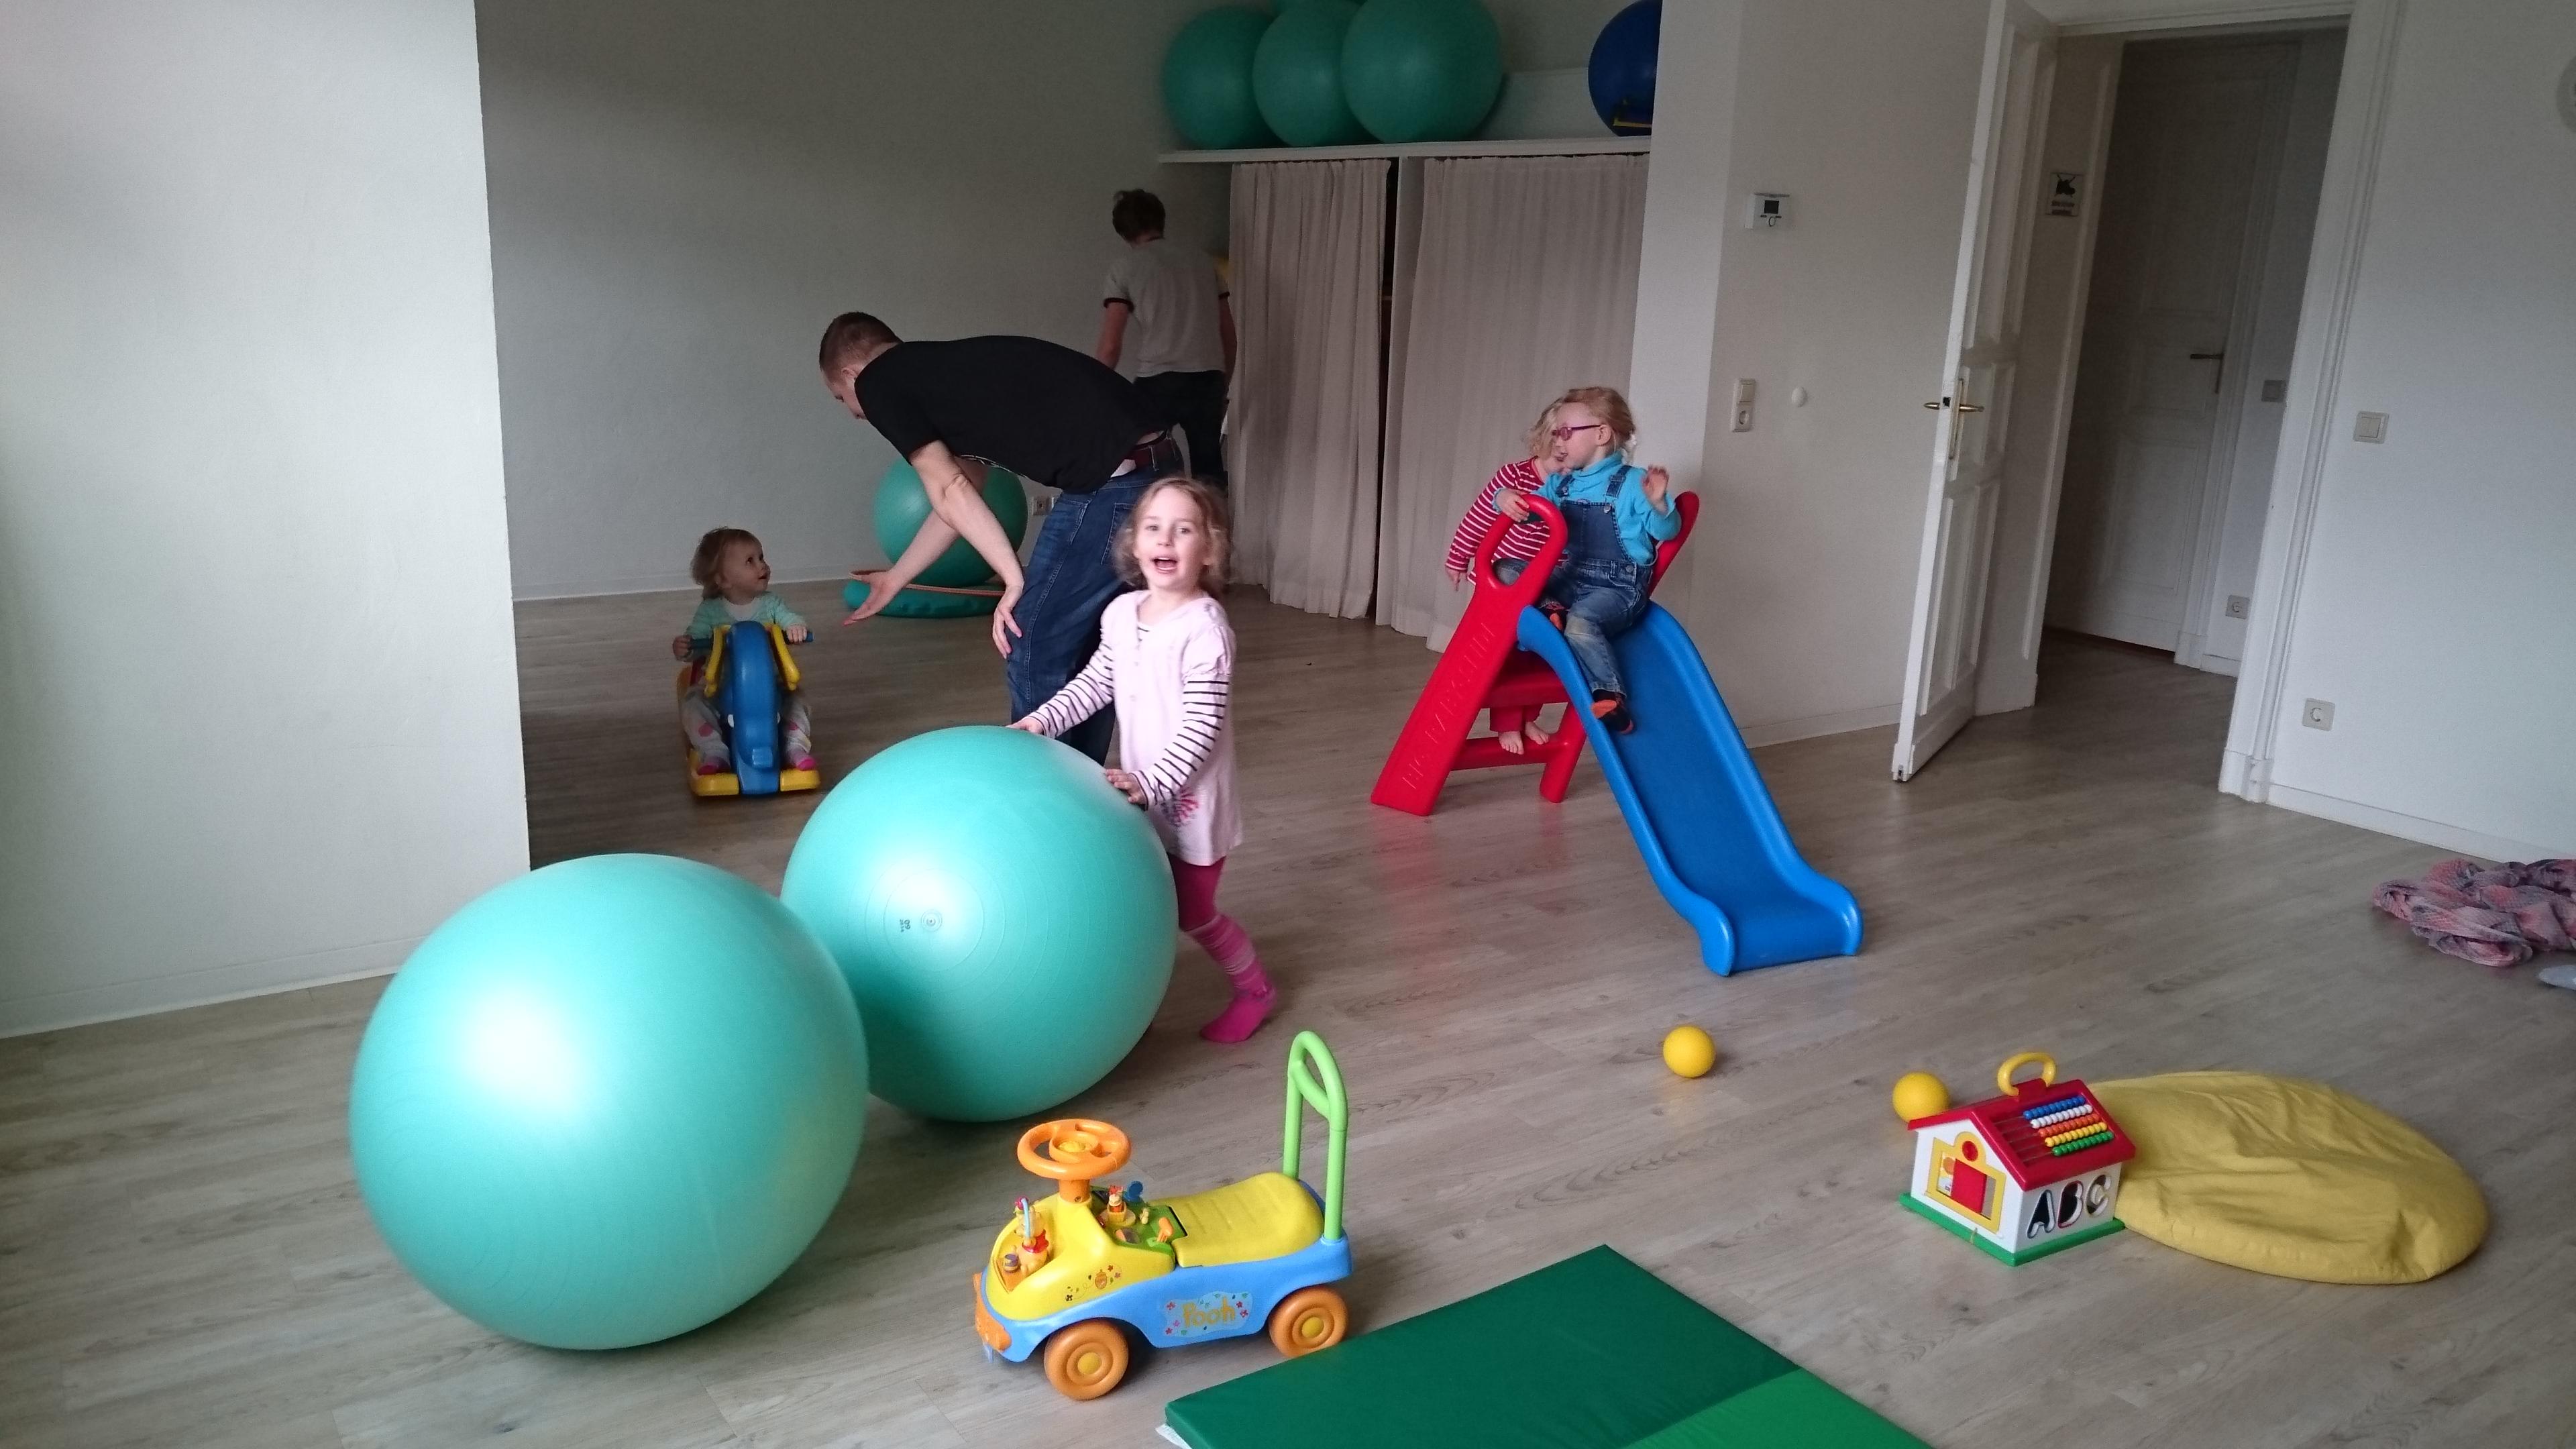 Kinder im Bewegunsraum beim Sportmachen im Familientreff